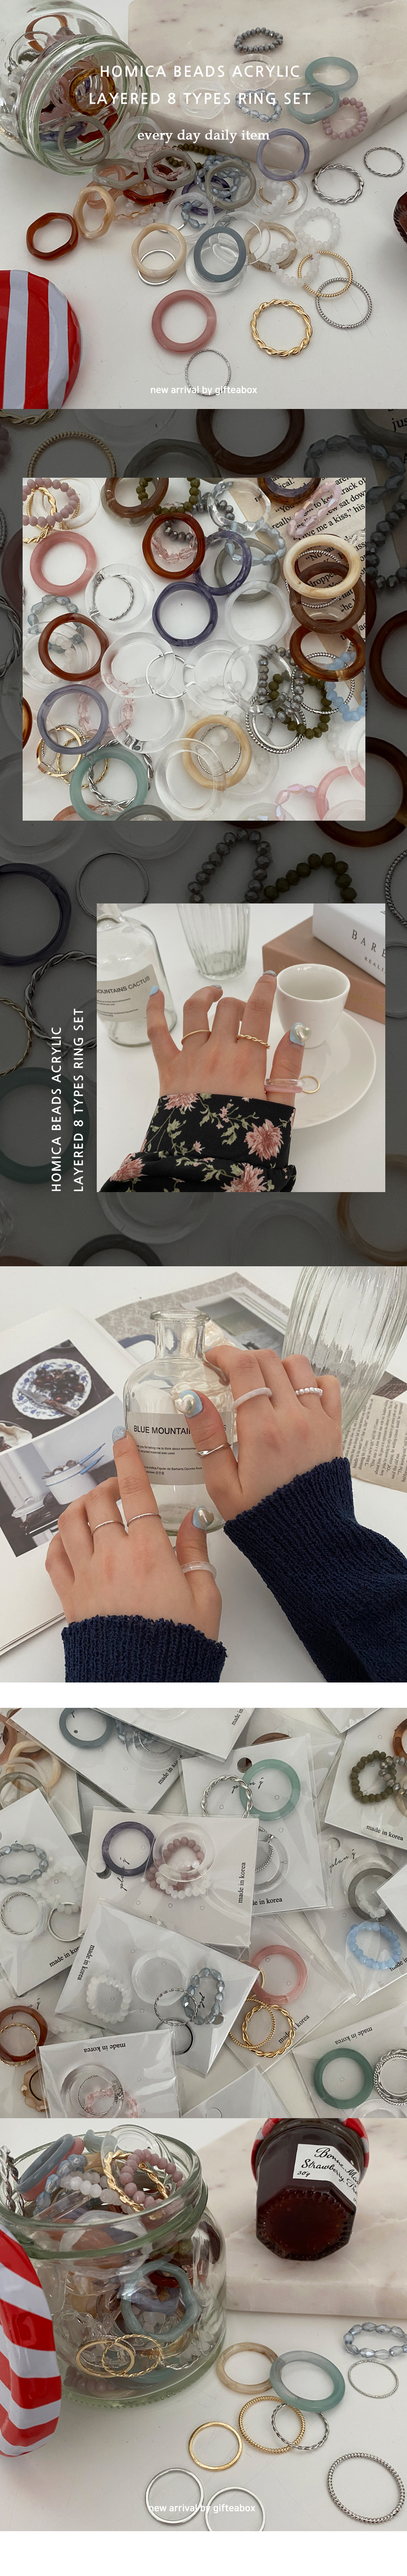 Homaika Beads Acrylic Layered 8 Ring Set